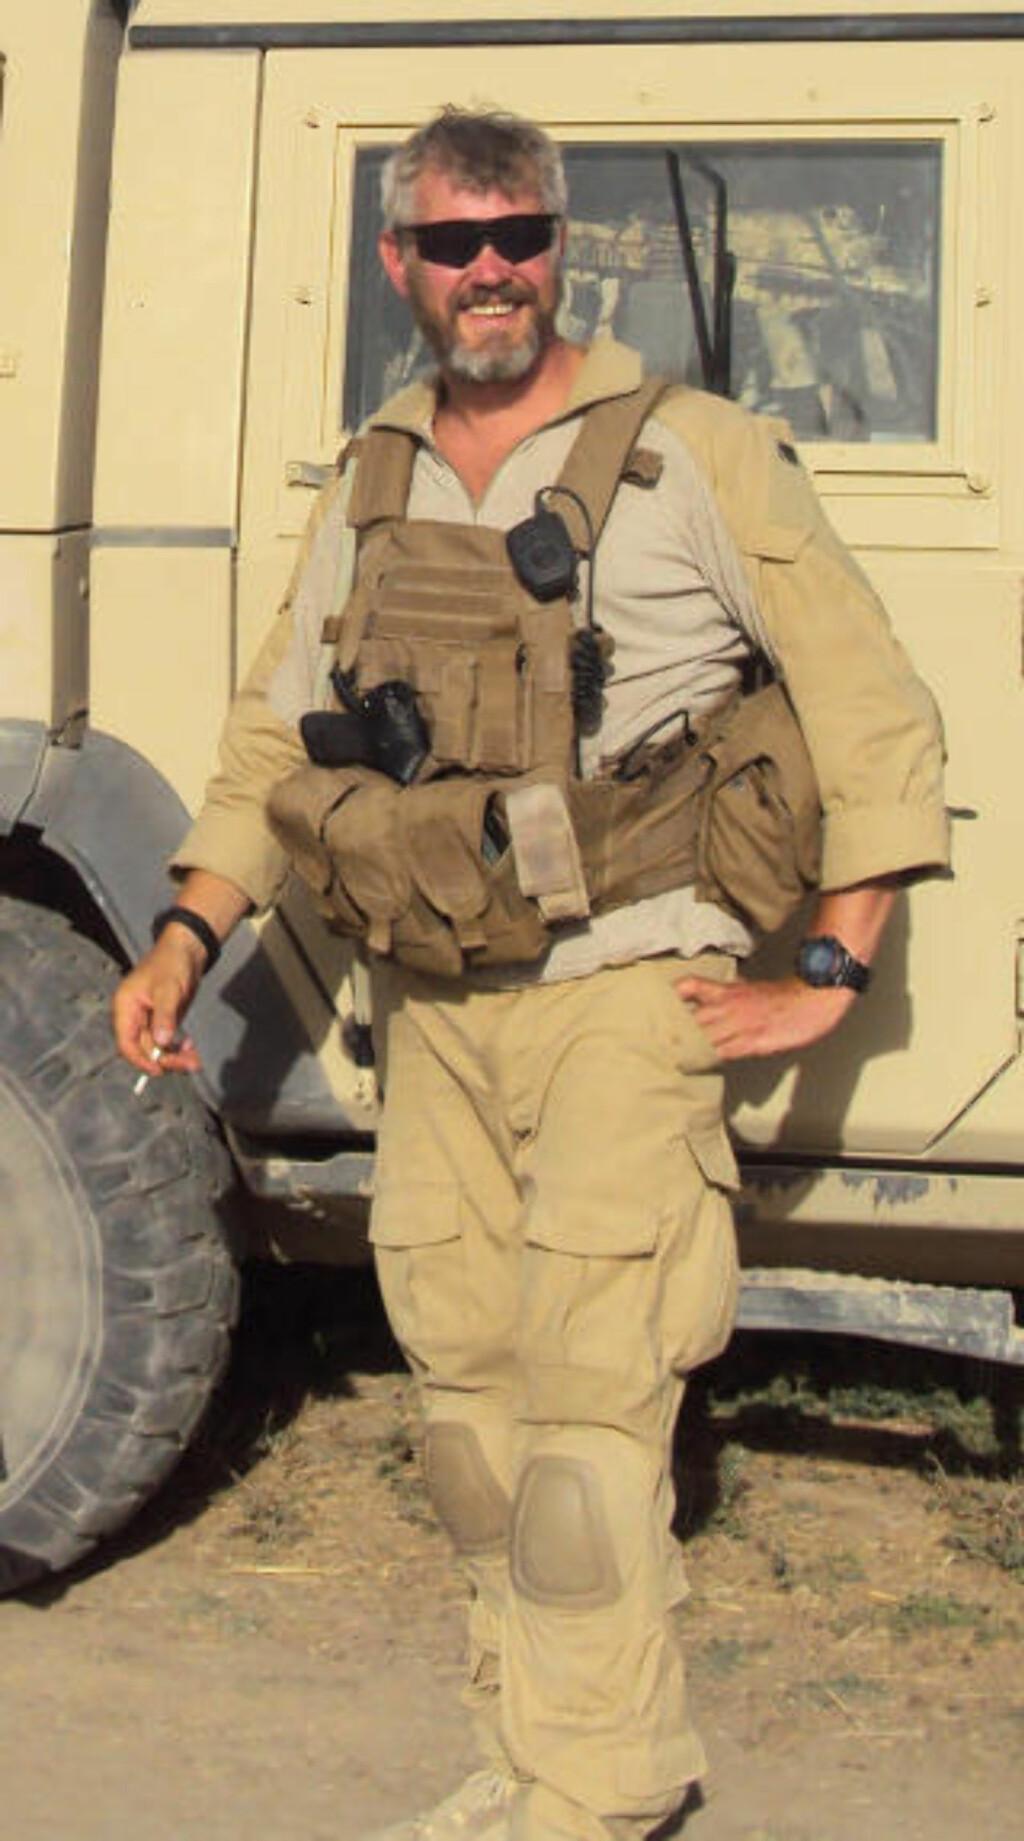 DREPT: Bildet fra juni i fjor viser Trond Andre Bolle foran kjøretøyet han senere han senere samme dag kjørte på en veibombe med. Bolle døde i angrepet. Nå kommer det fram at den dekorerte krigshelten var en nøkkelperson i spiongruppa E14. Foto: PRT Meymaneh / SCANPIX